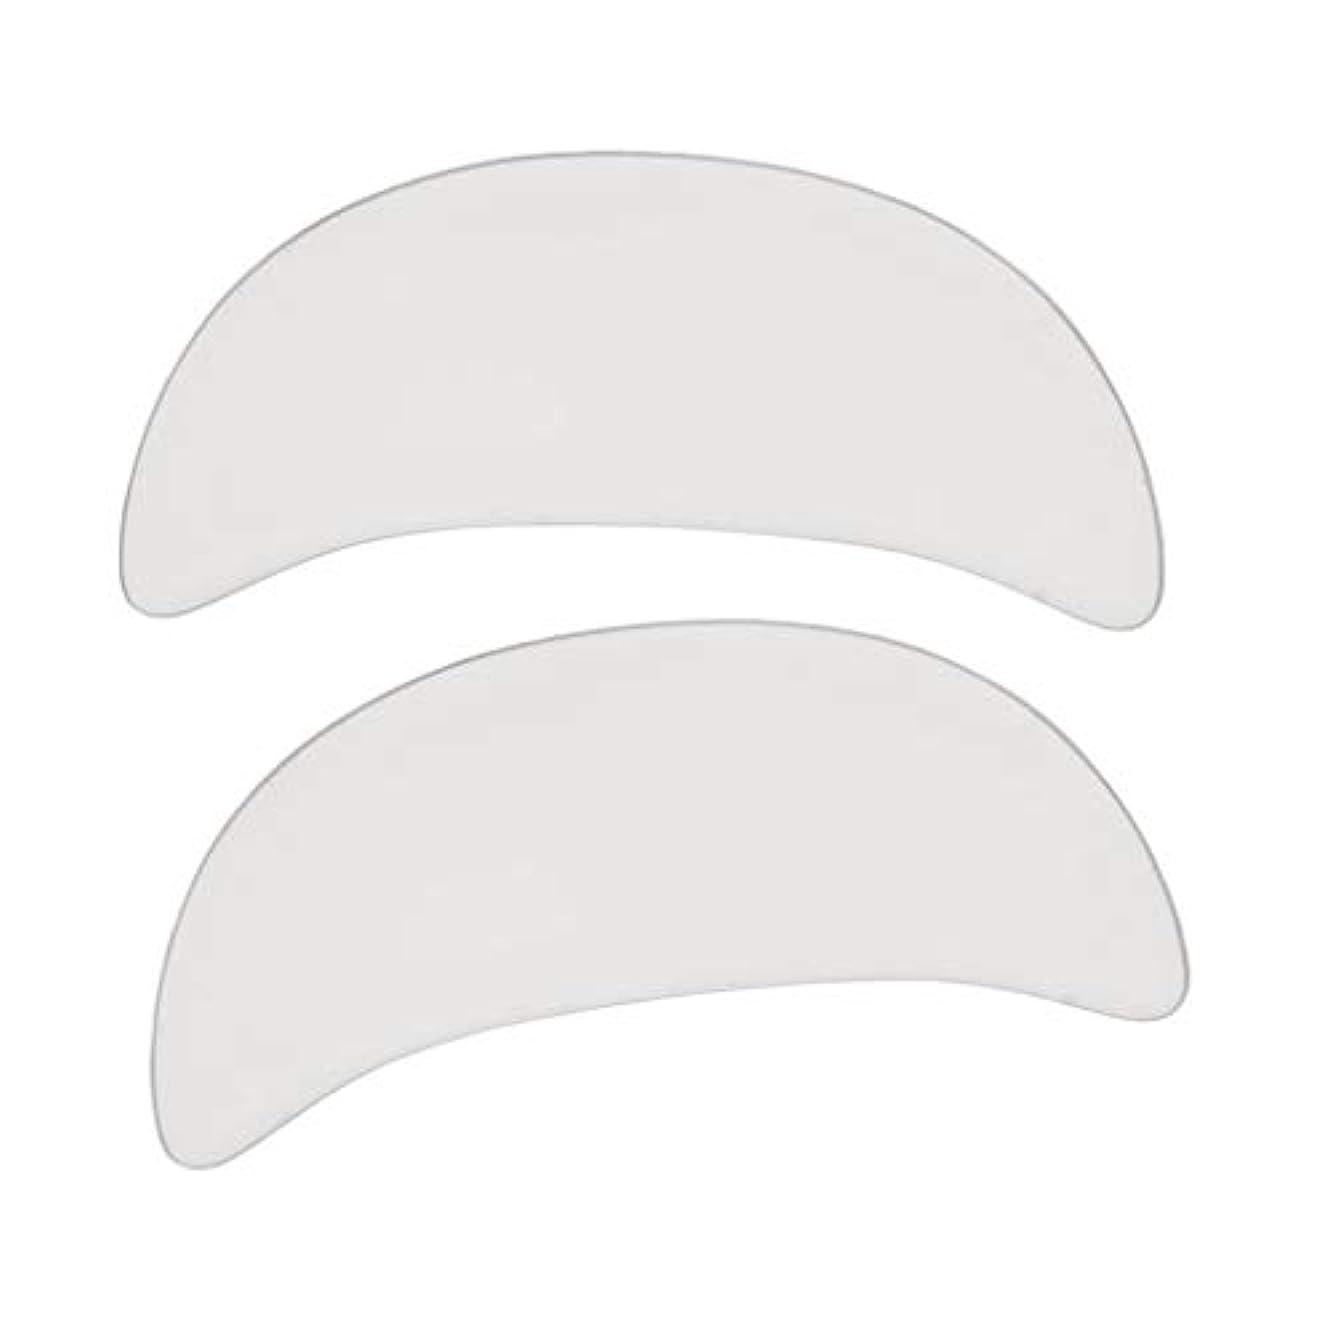 飲食店造船親指dailymall 2 /セットシリコン再利用可能なアンチリンクルアイフェイスパッドスキンケアマスク